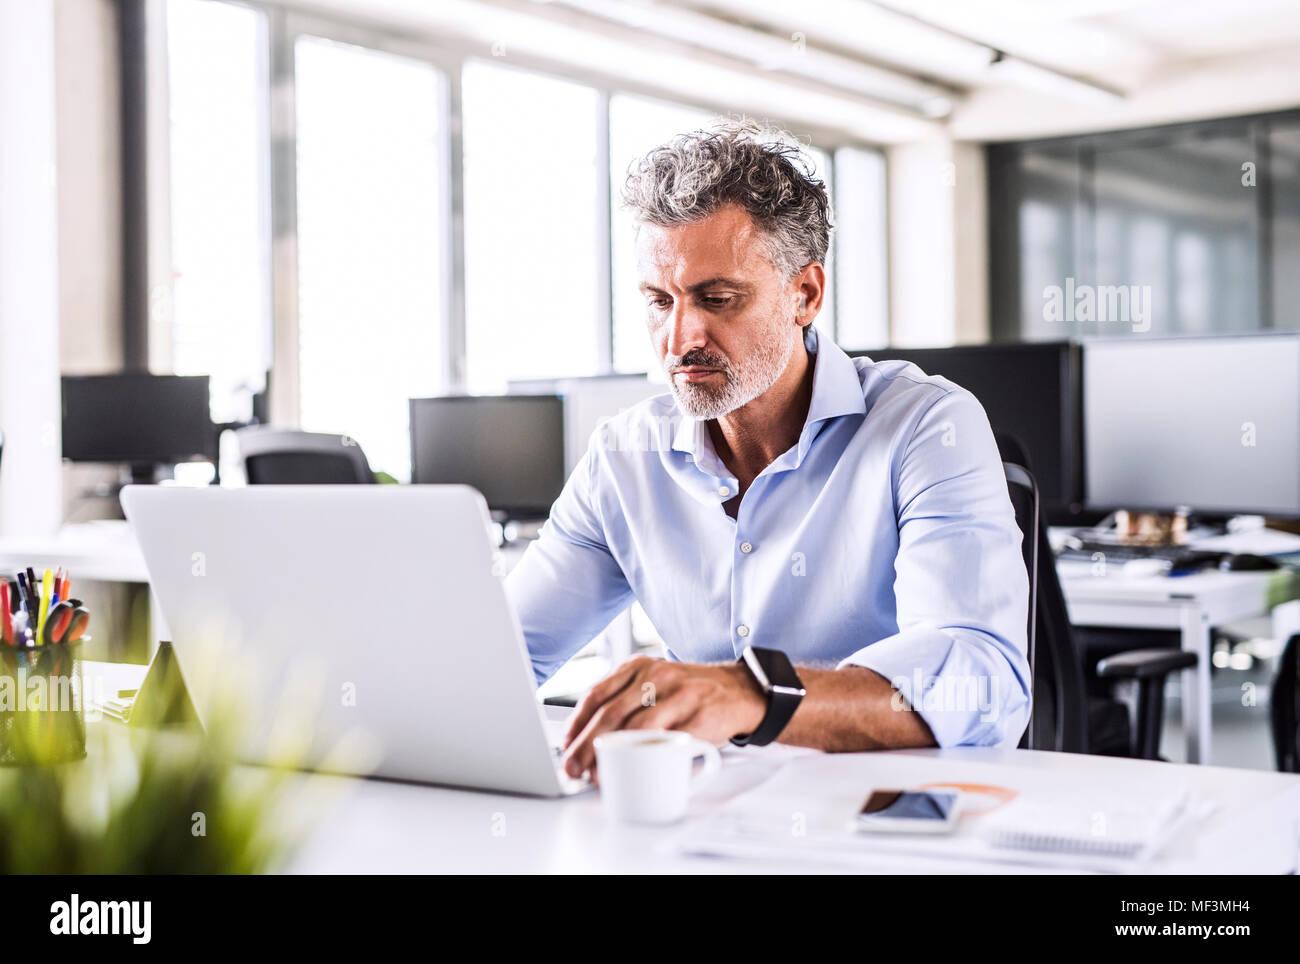 Empresario maduro sentados frente al escritorio en la oficina utilizando el portátil Imagen De Stock